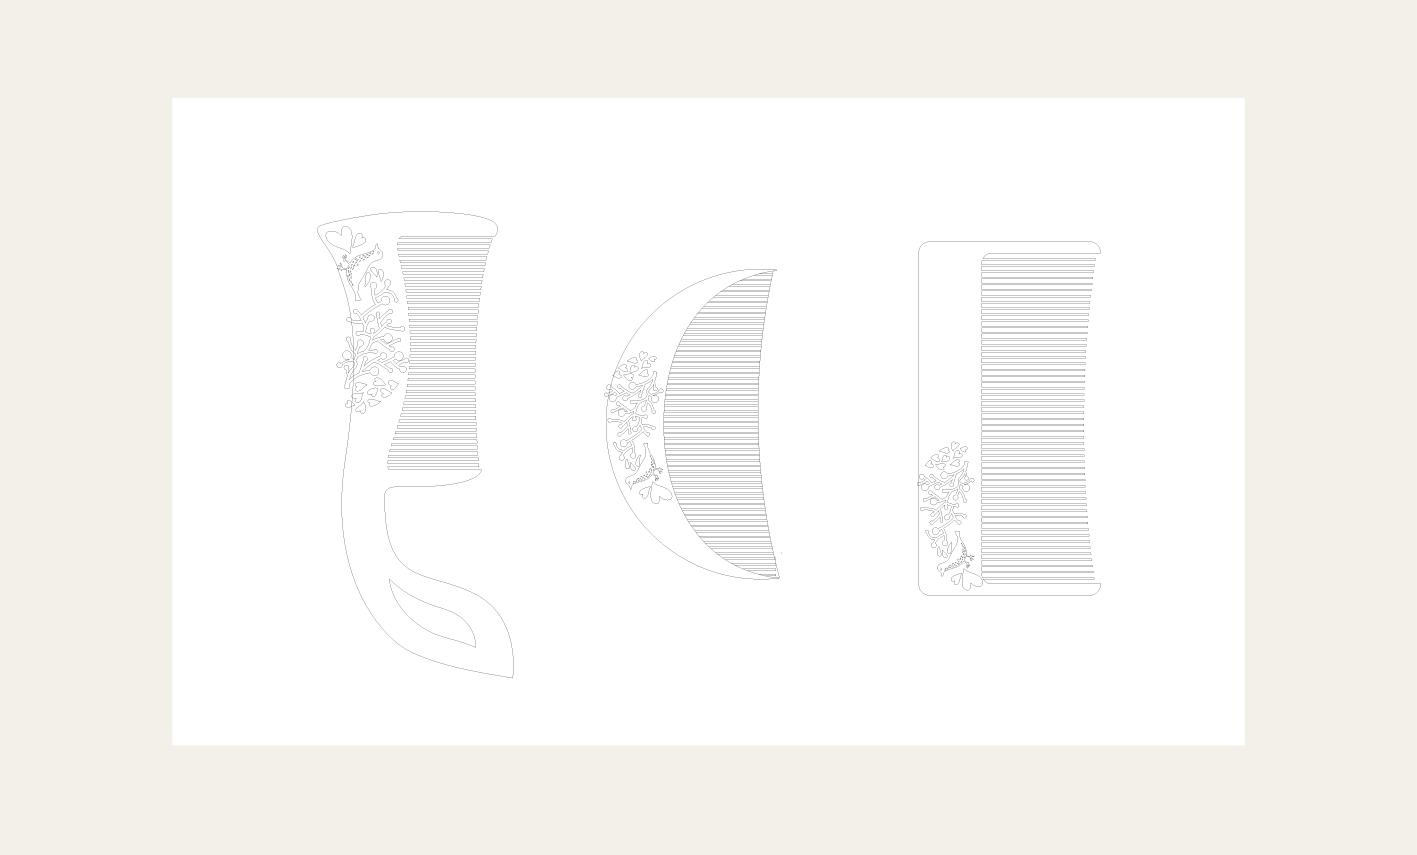 爱情鸟简谱歌谱